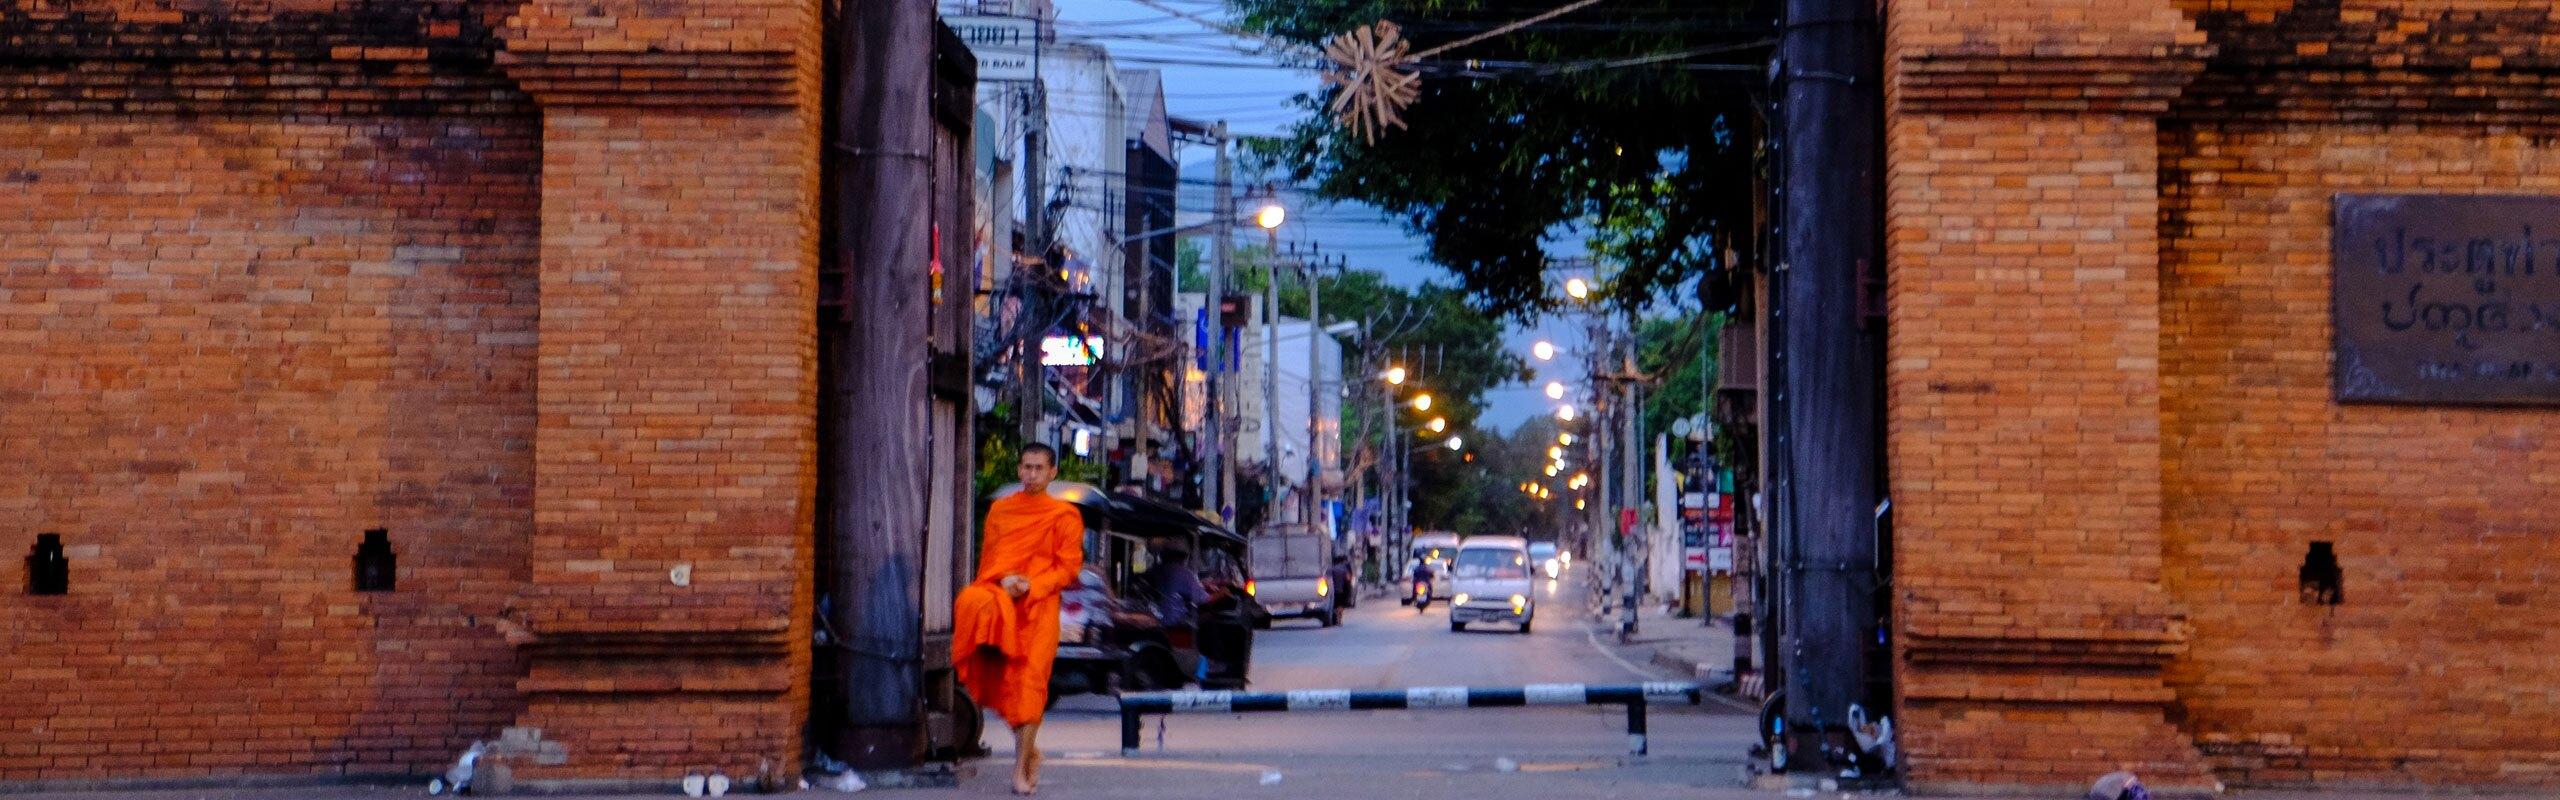 6-Day Bangkok and Chiang Mai Highlights Tour